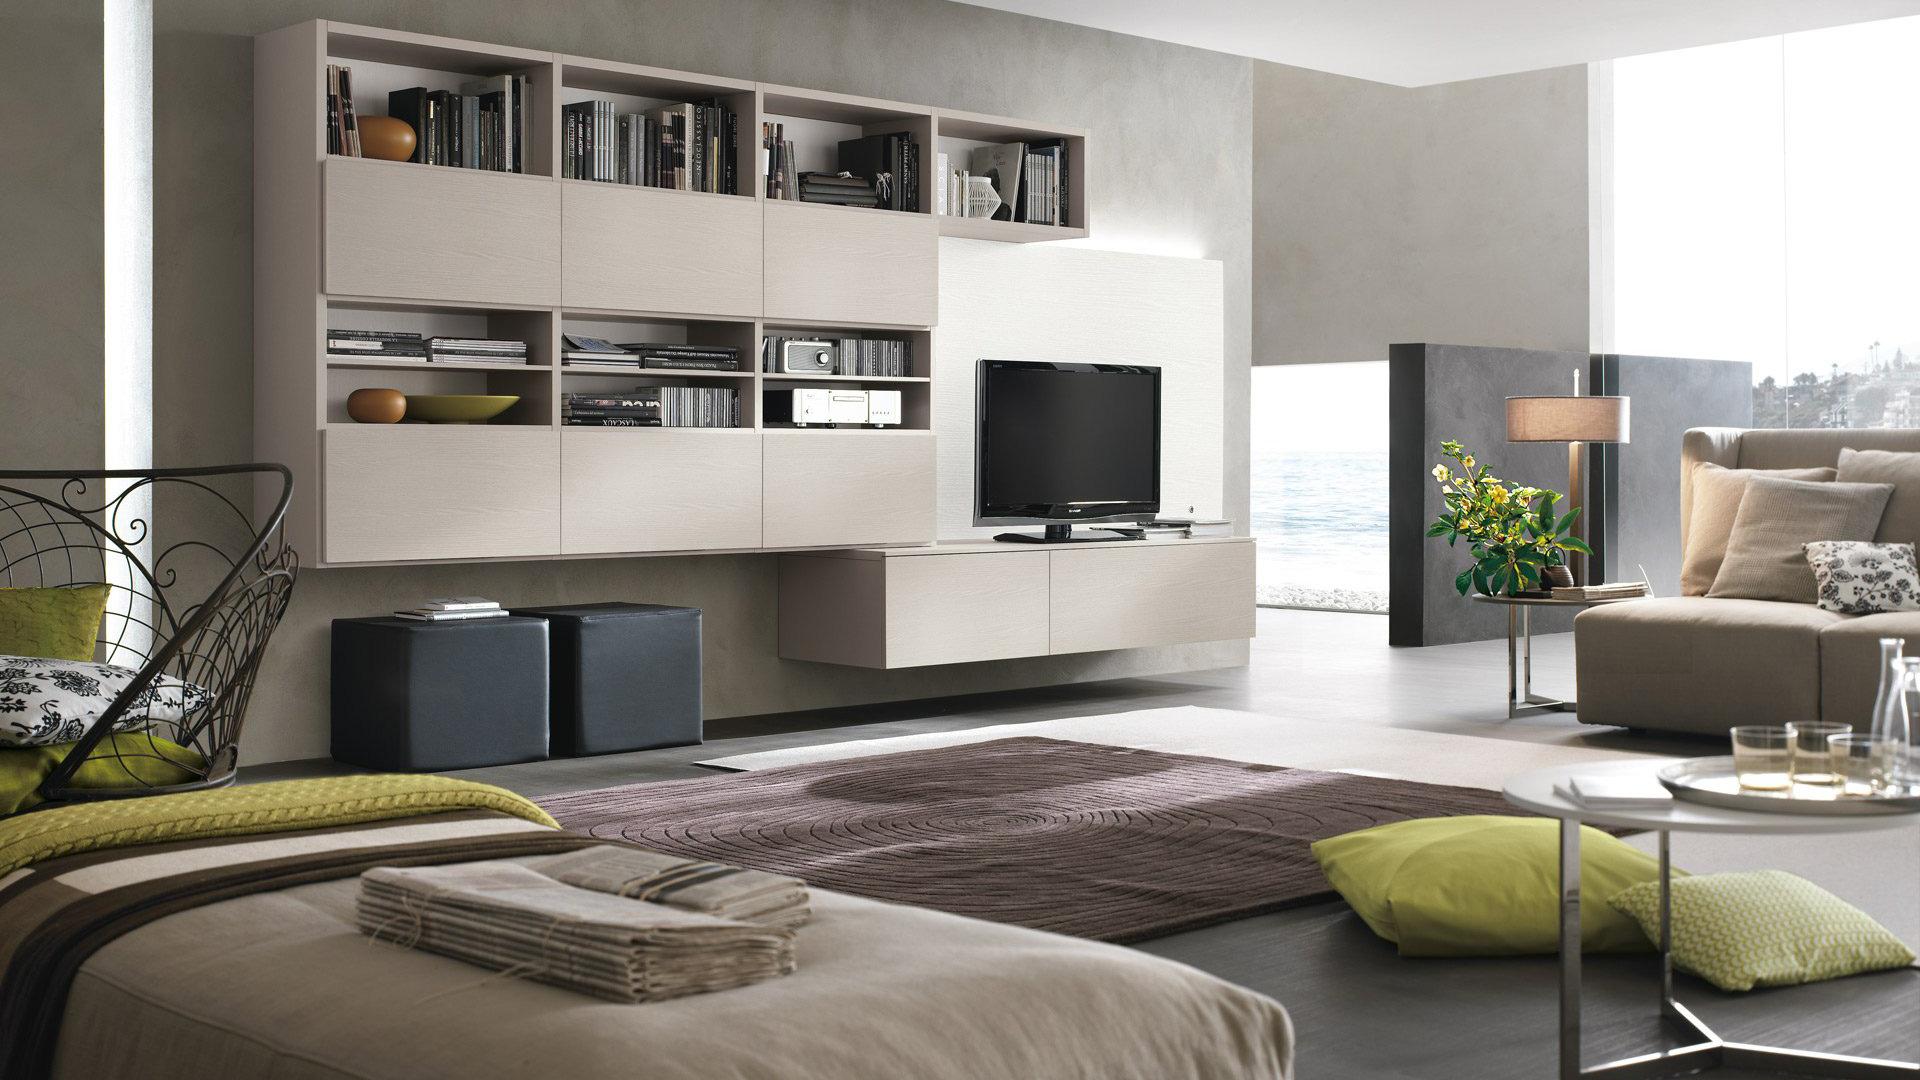 Arredamenti e idee per la casa arredamenti e forniture for Mobili per interni